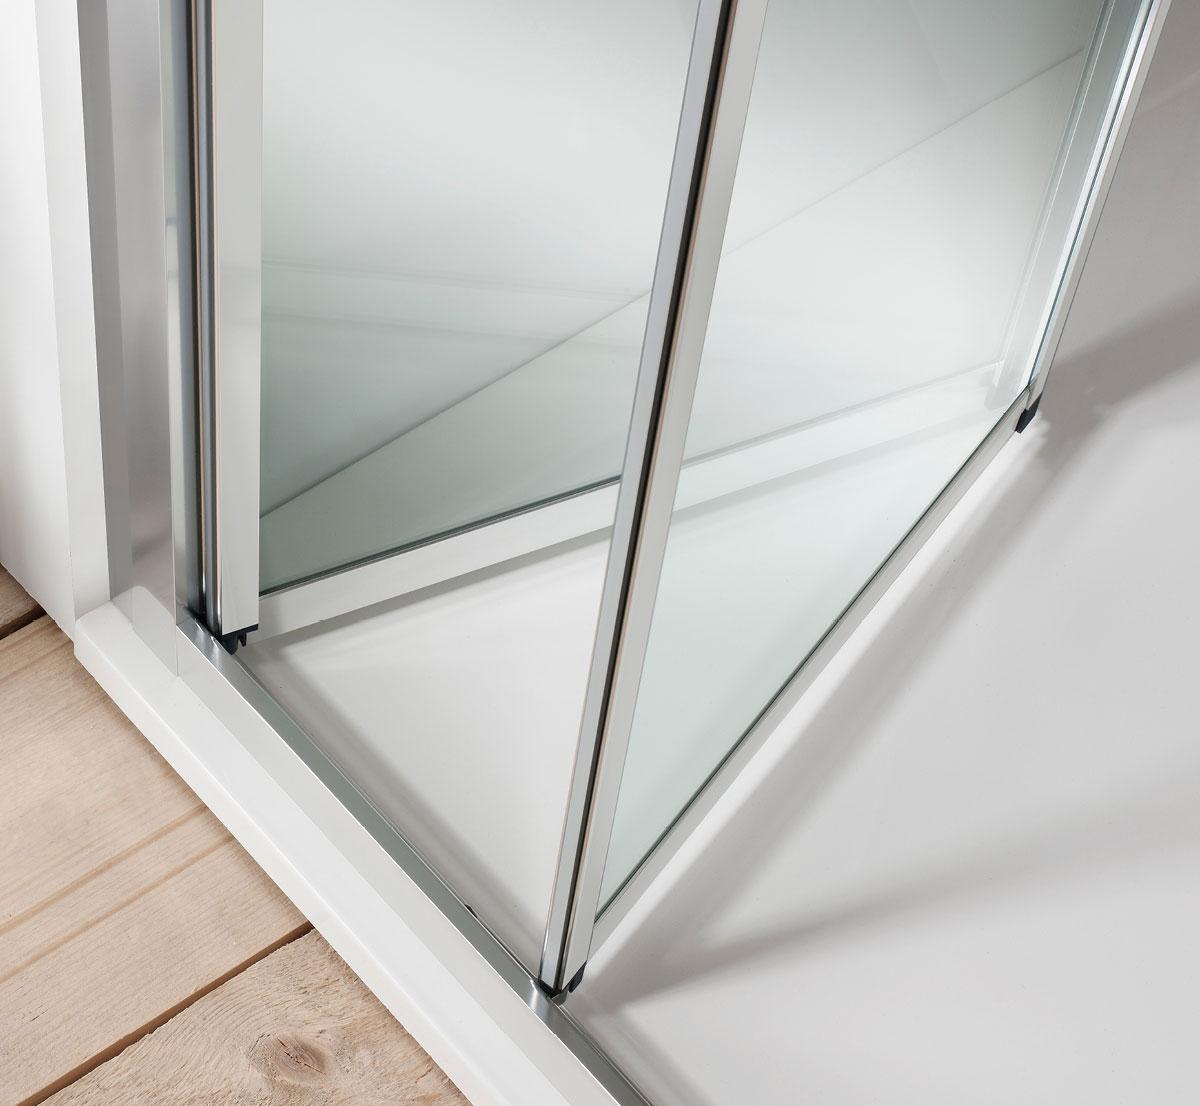 Bi fold shower door will give your bathroom an upscale look bath - 11064147195117561200 Edge Bifold Shower Door In Edge Luxury Bathrooms Uk Crosswater 684b37 Bathroom Bi Fold